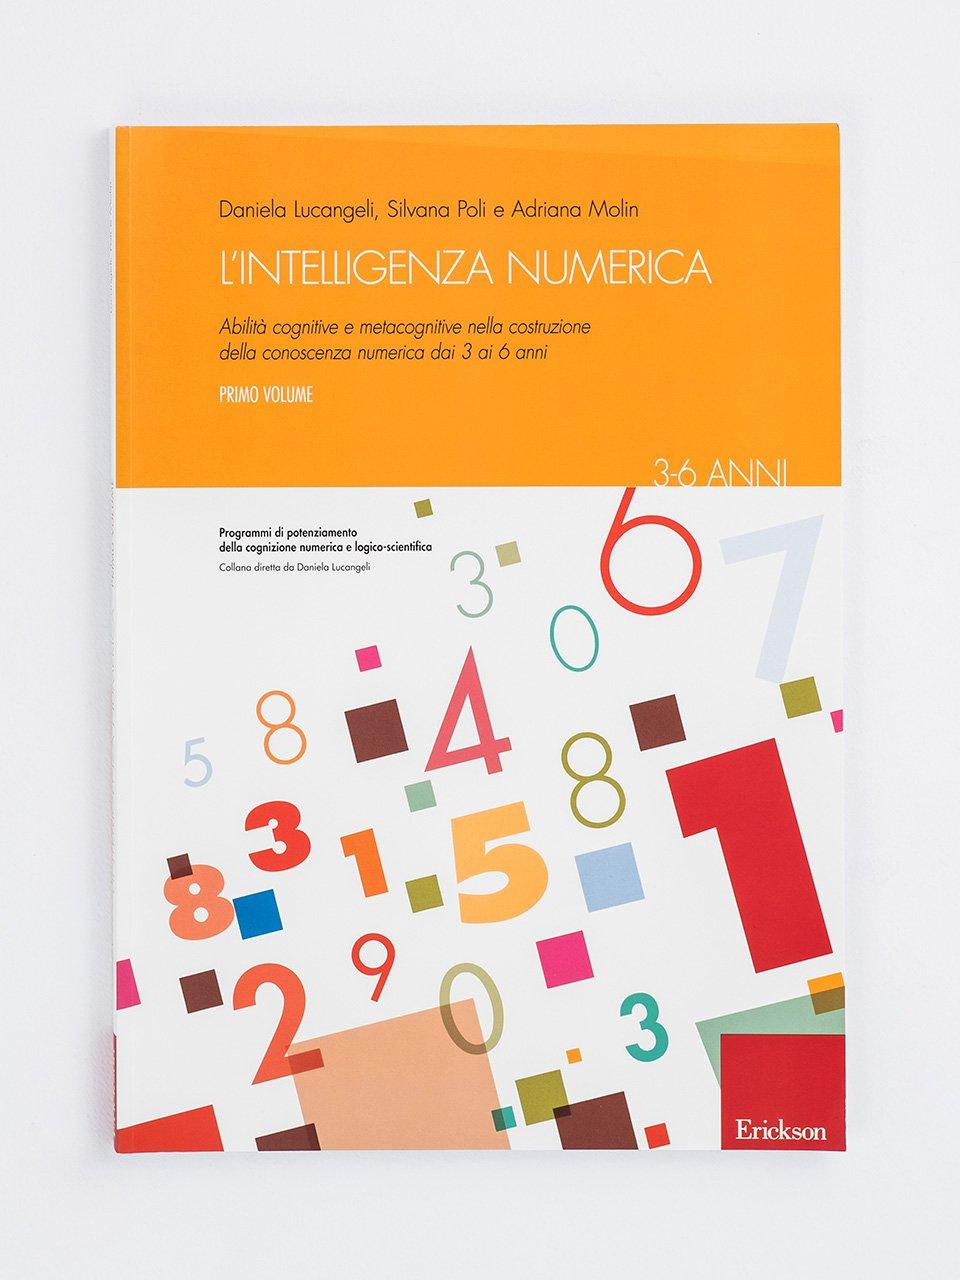 L'intelligenza numerica - Volume 1 - Equivalenze MAXI - Strumenti - Erickson